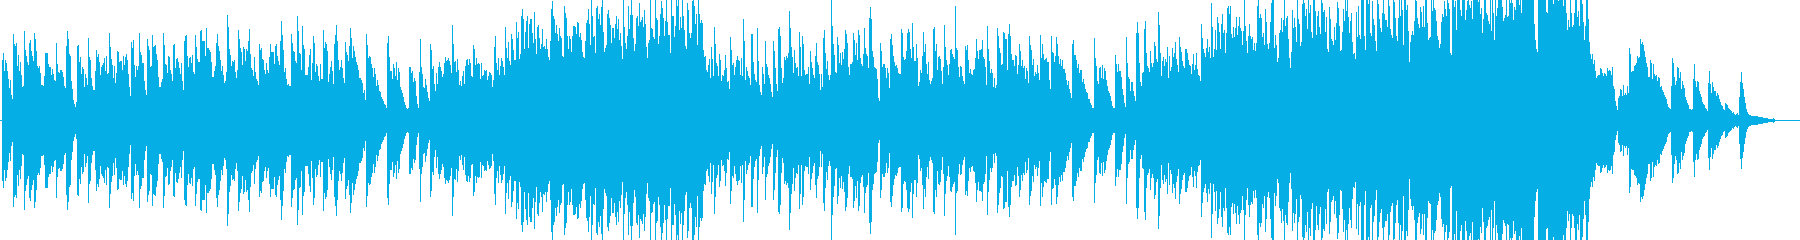 フルート中心の感動系バラードの再生済みの波形